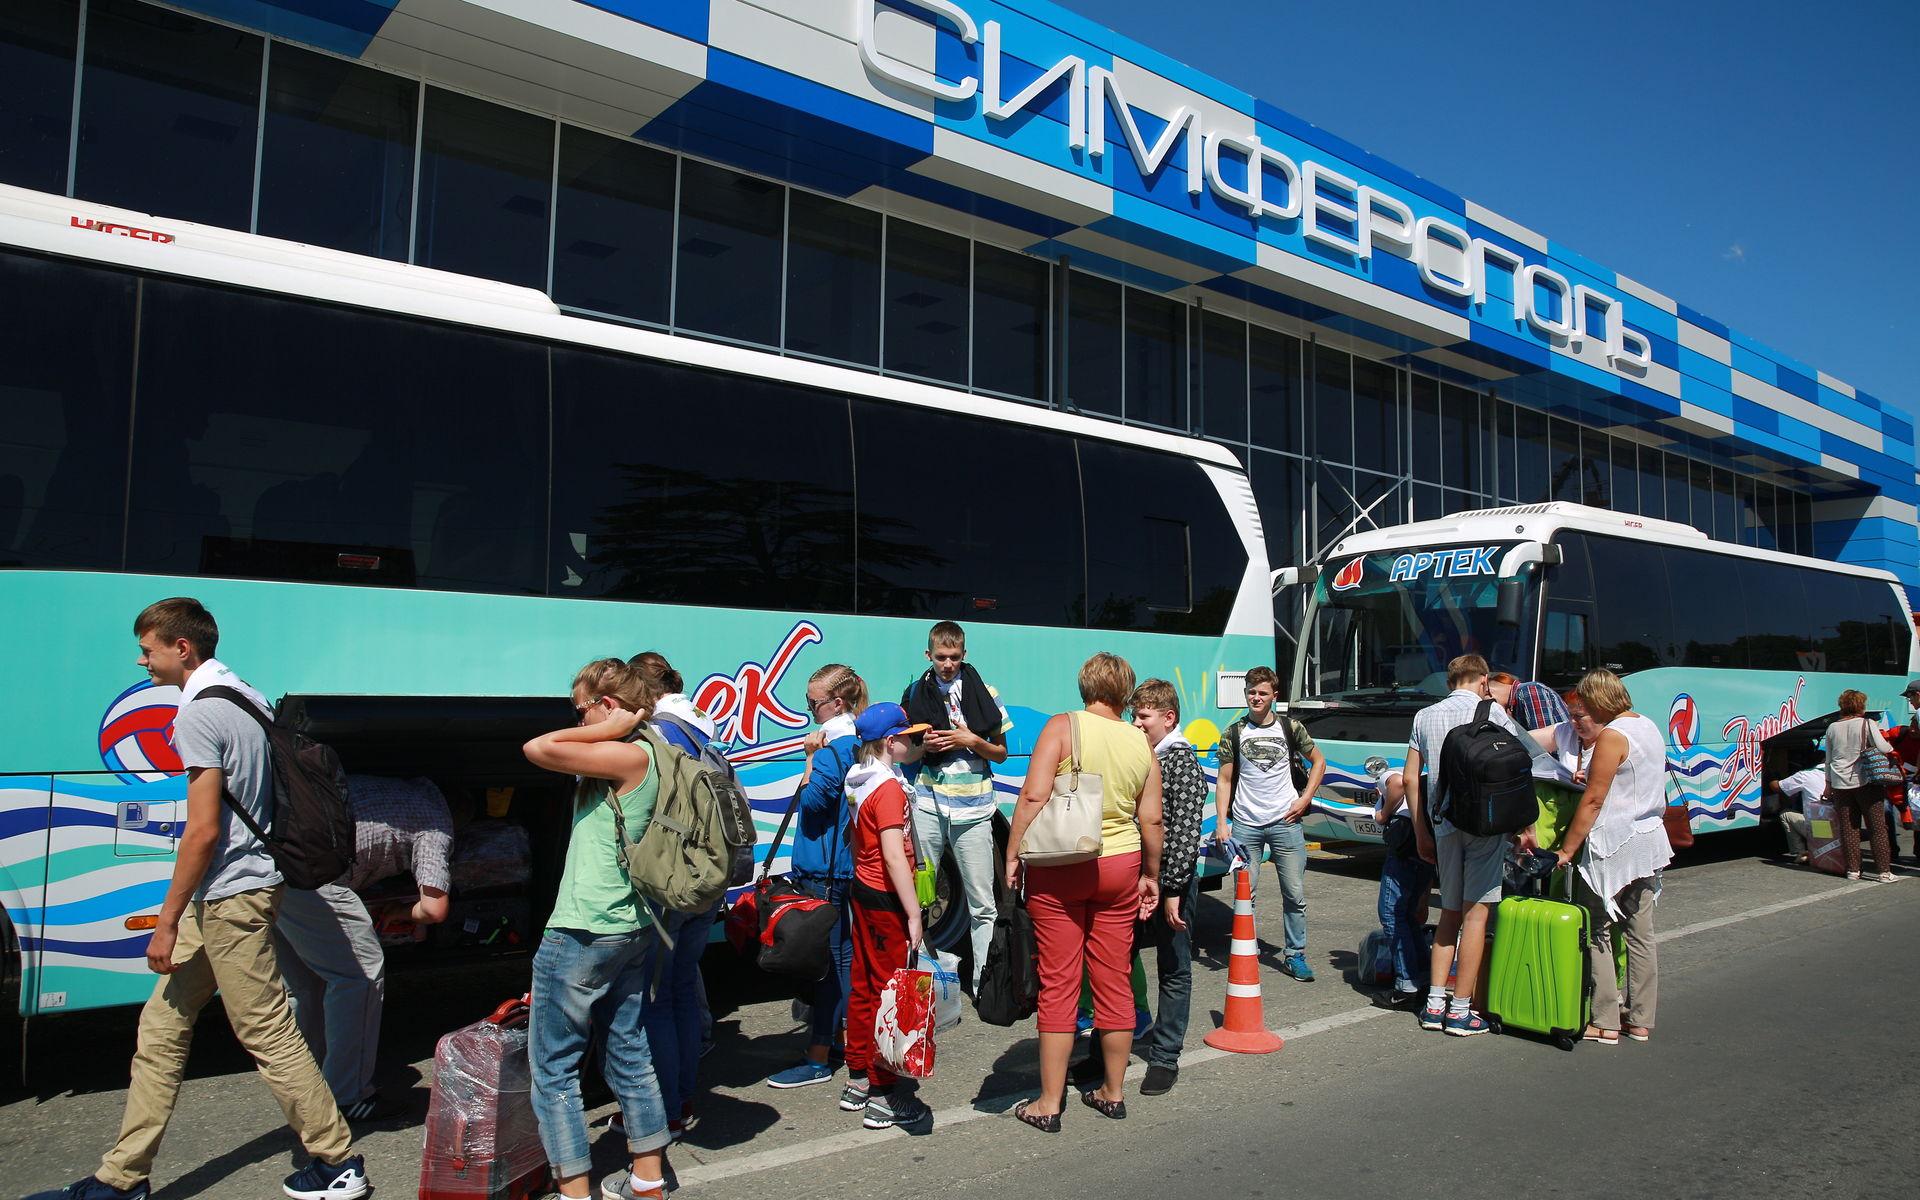 Билеты на автобусы начали продавать в аэропорту Симферополя